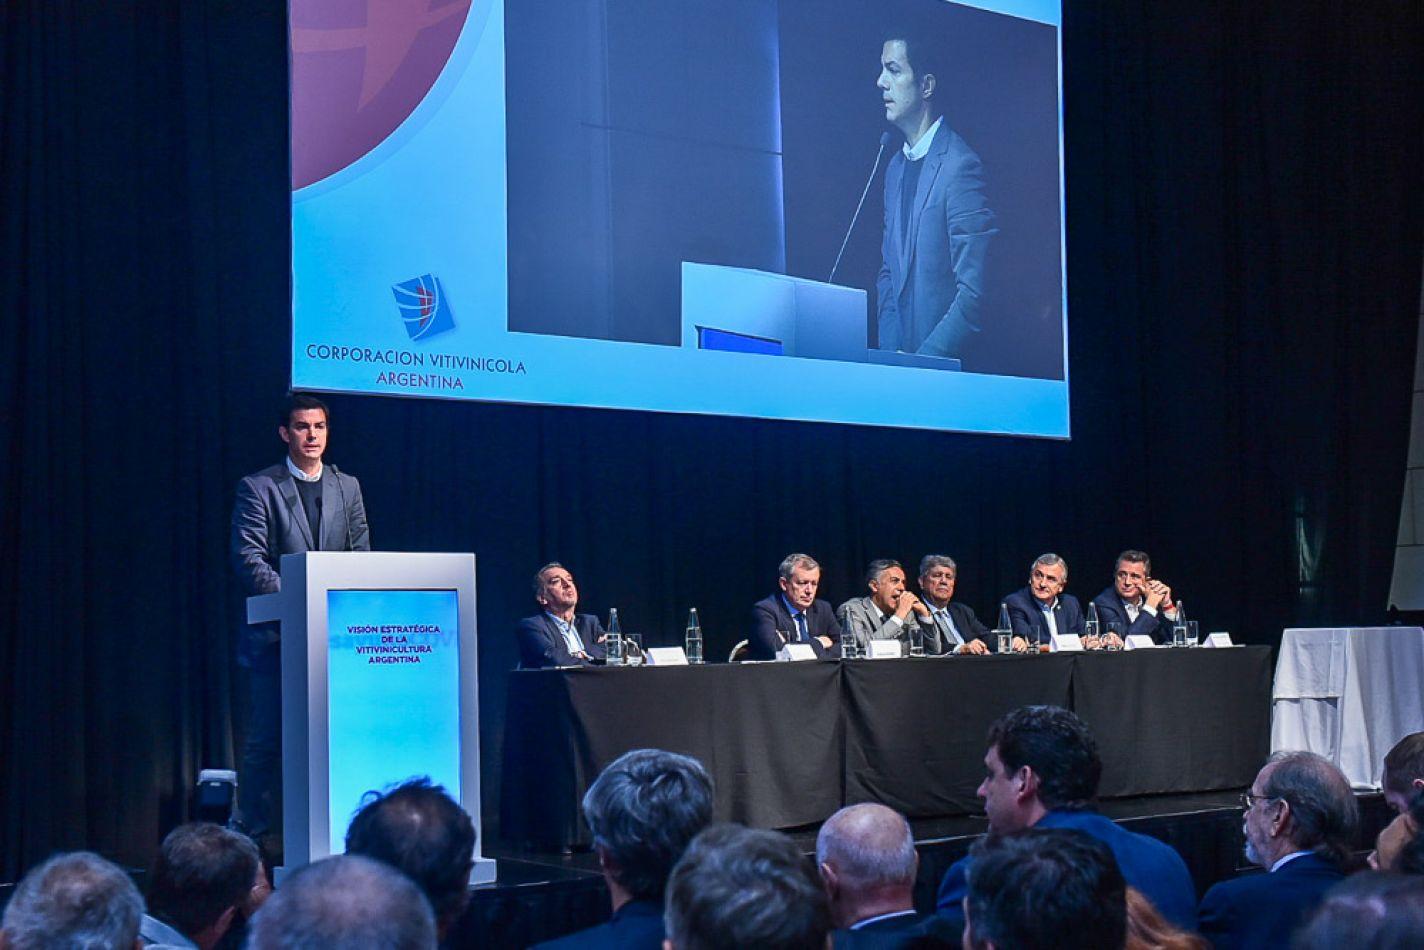 Urtubey en el evento Visión Estratégica de la Vitivinicultura Argentina